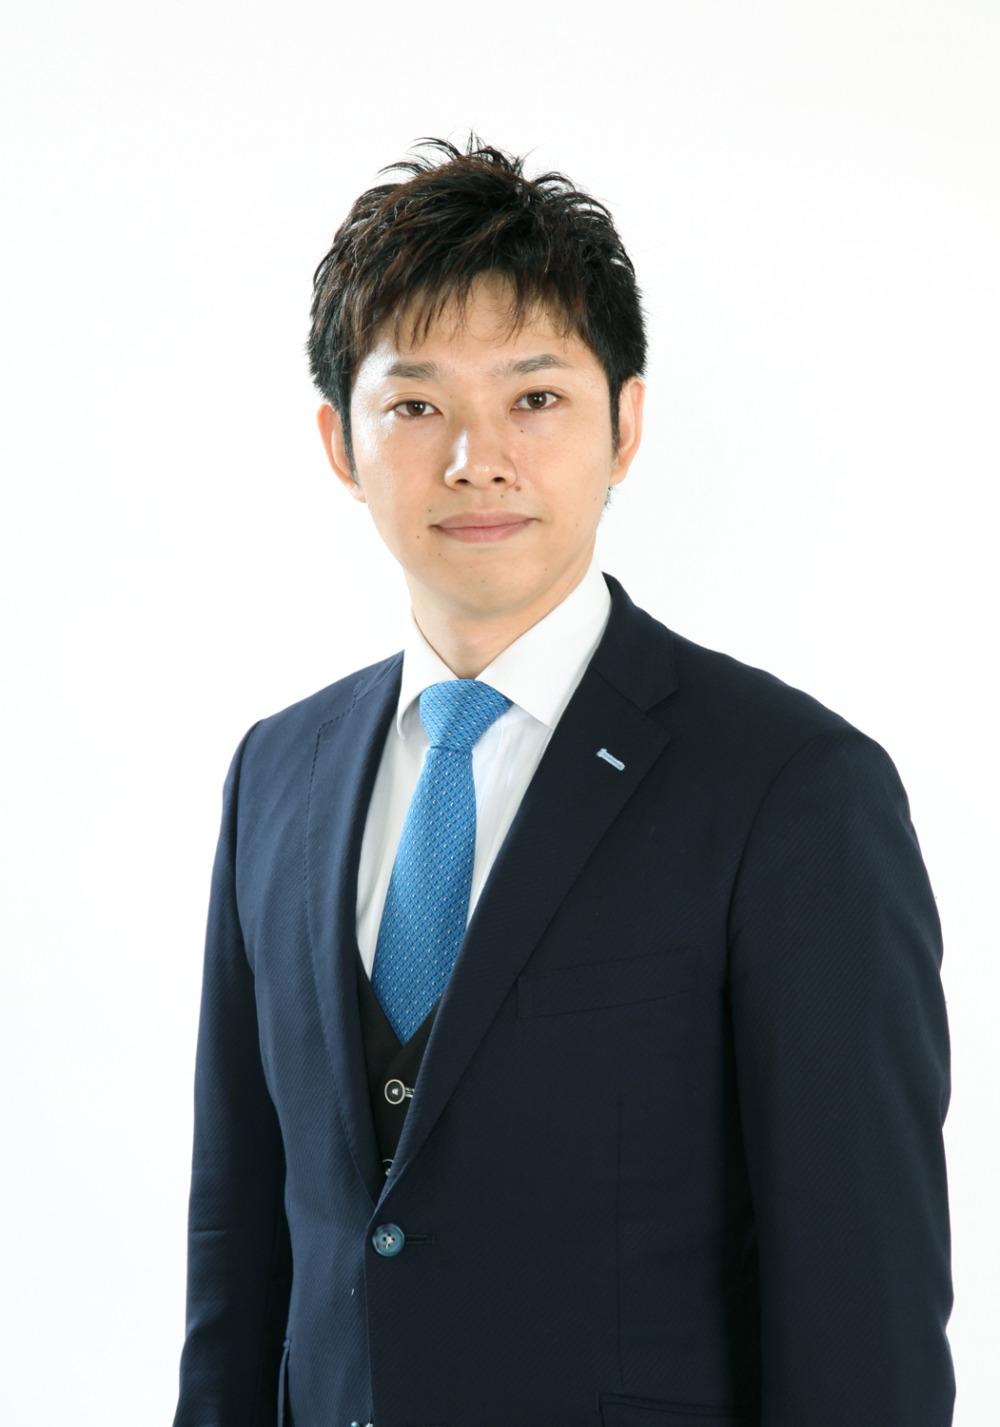 小田プロフィール